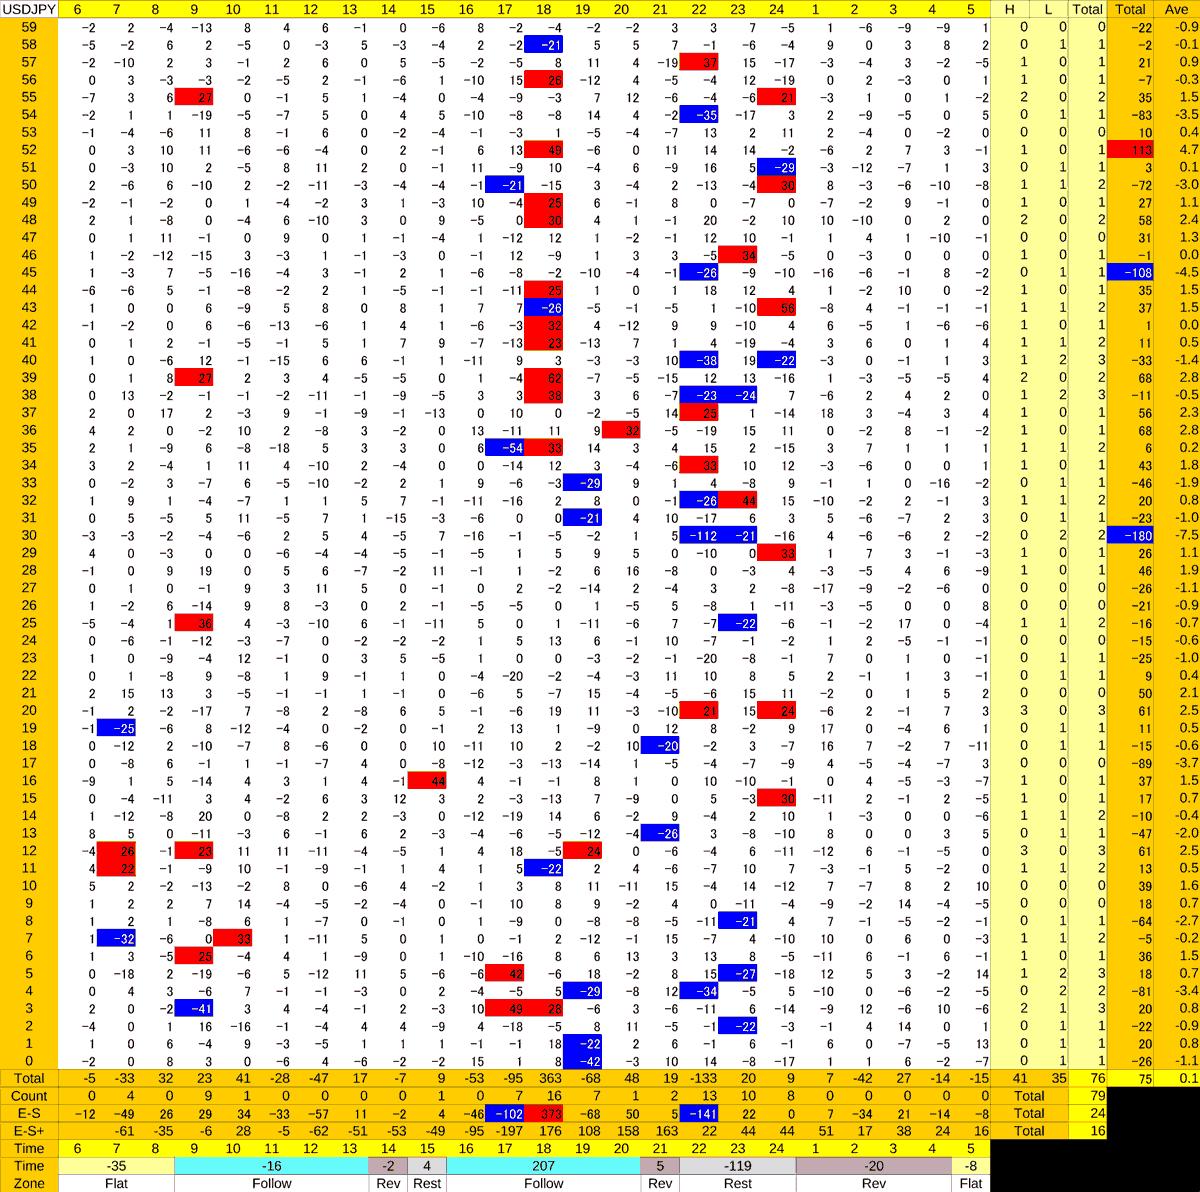 20210210_HS(1)USDJPY